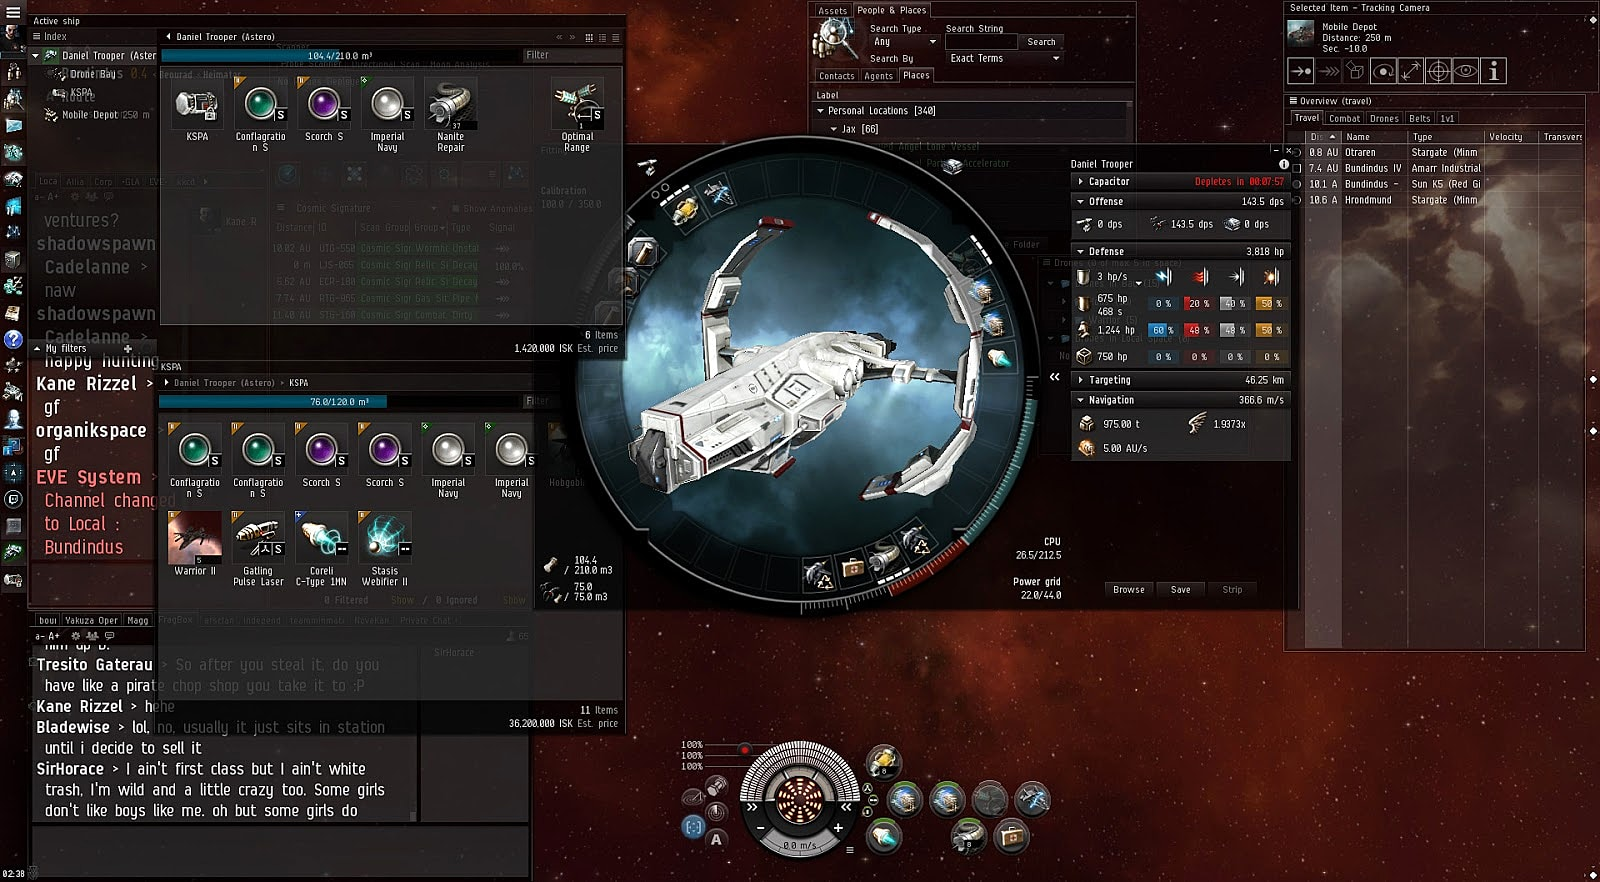 EVE Online Exploration Guide 2018 | Eve Online